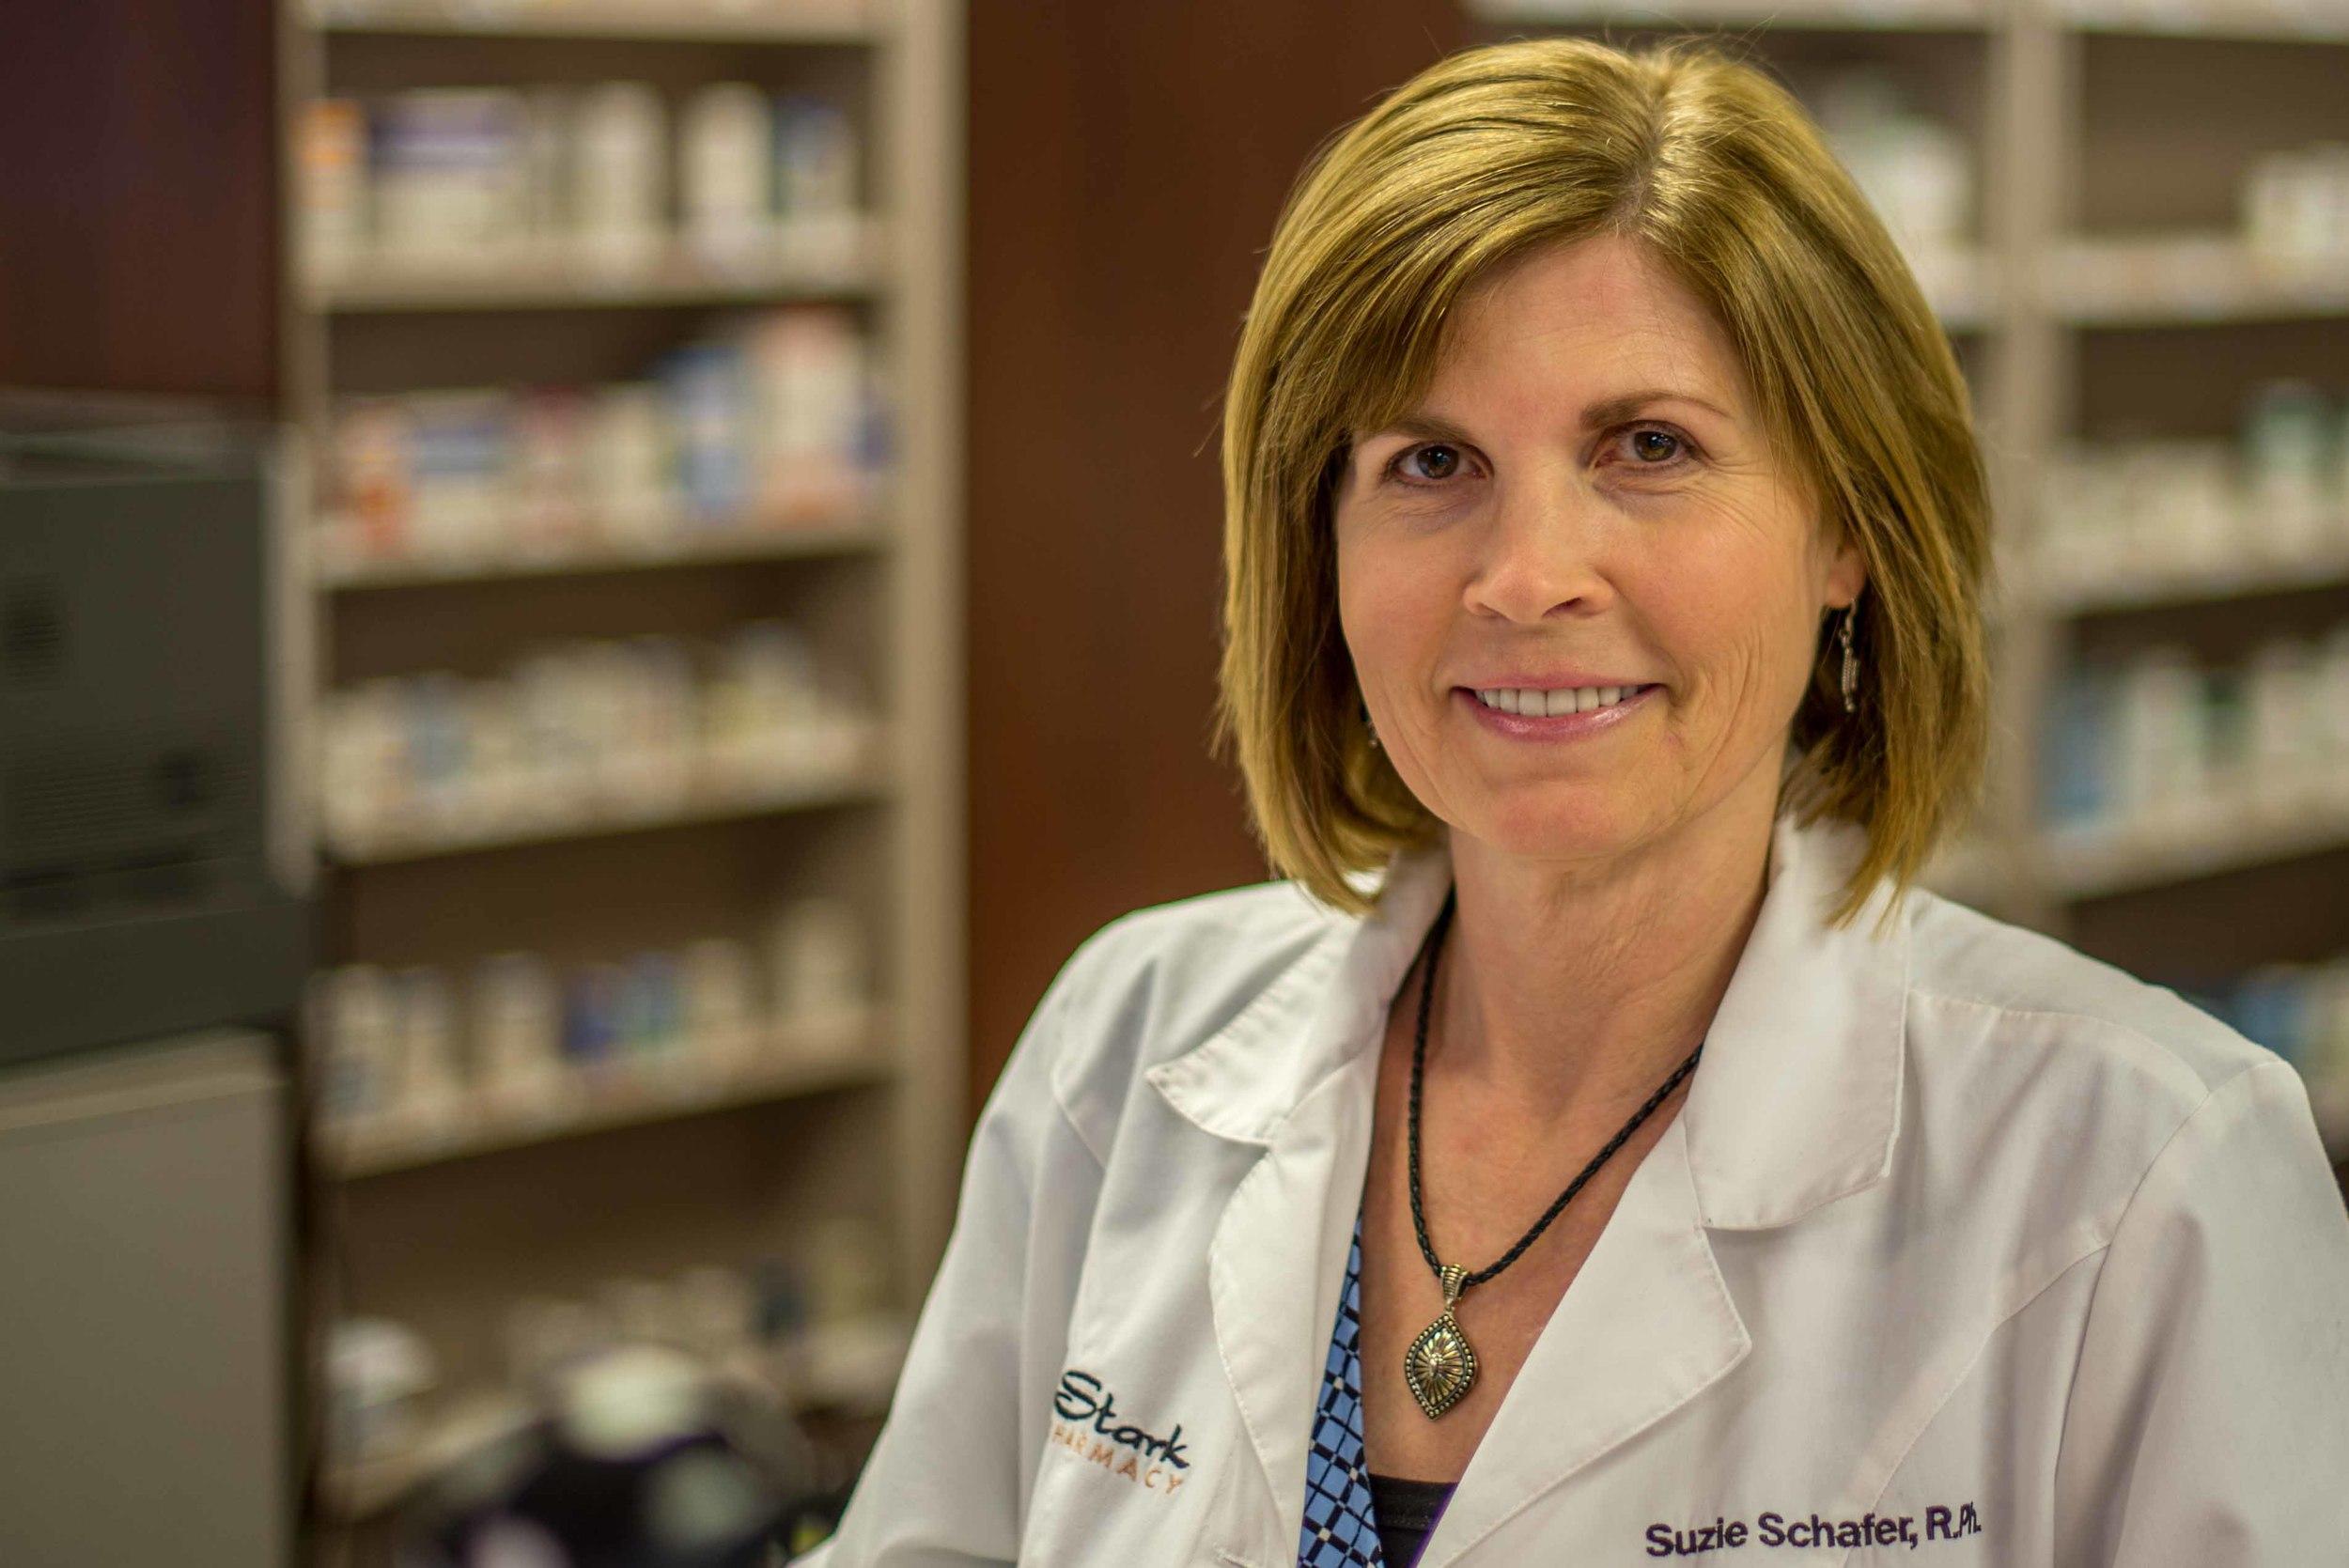 Suzie Schafer  Pharmacist